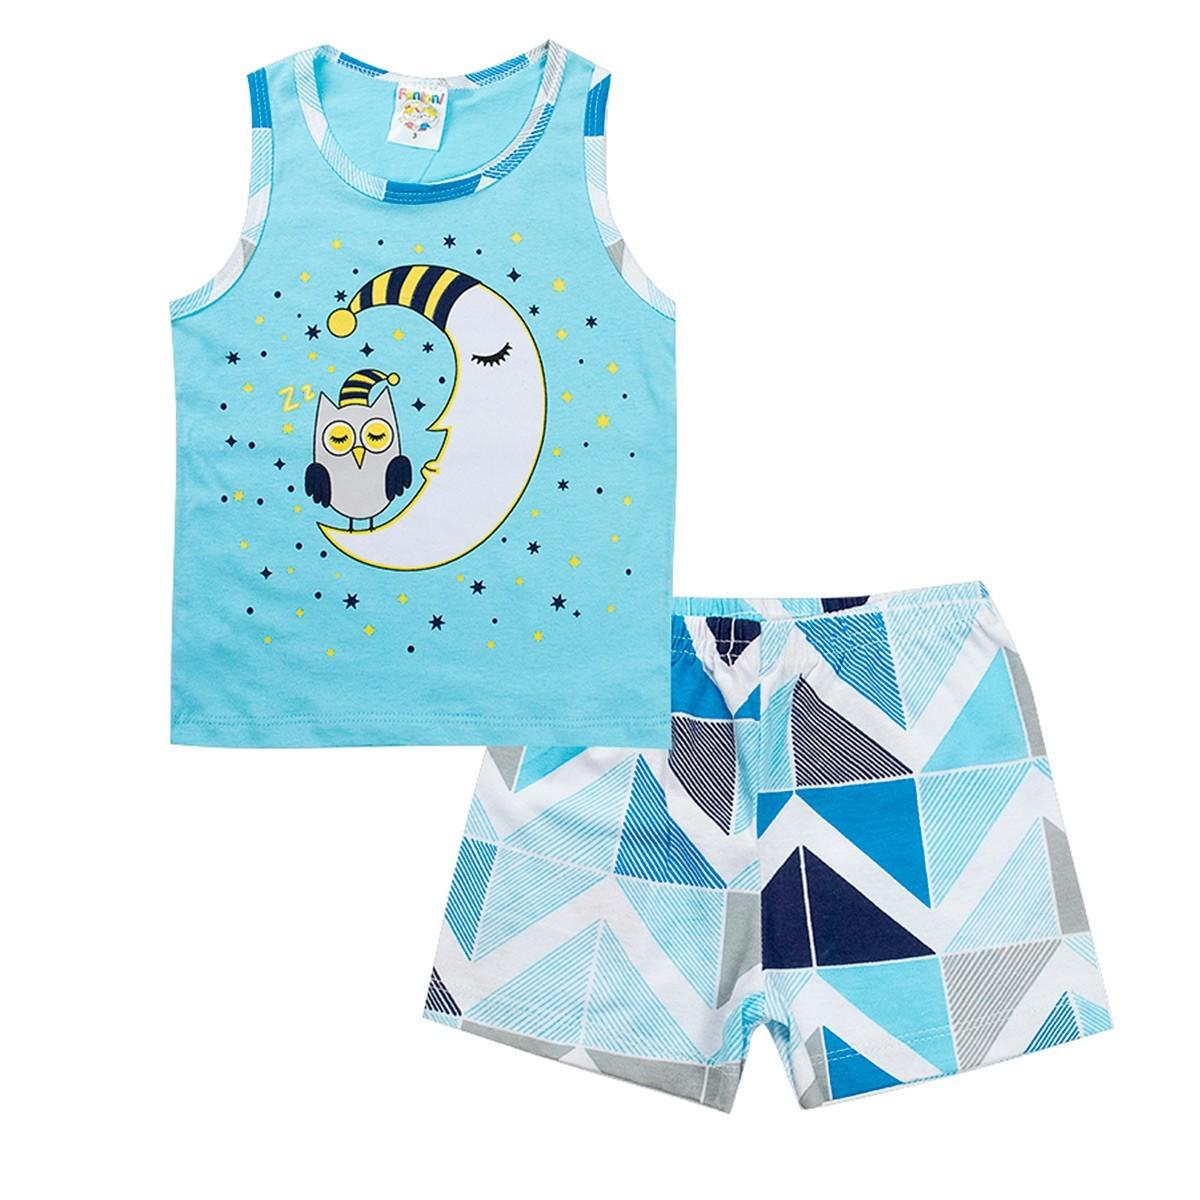 Conjunto Infantil Pijama Menino Azul - Fantoni